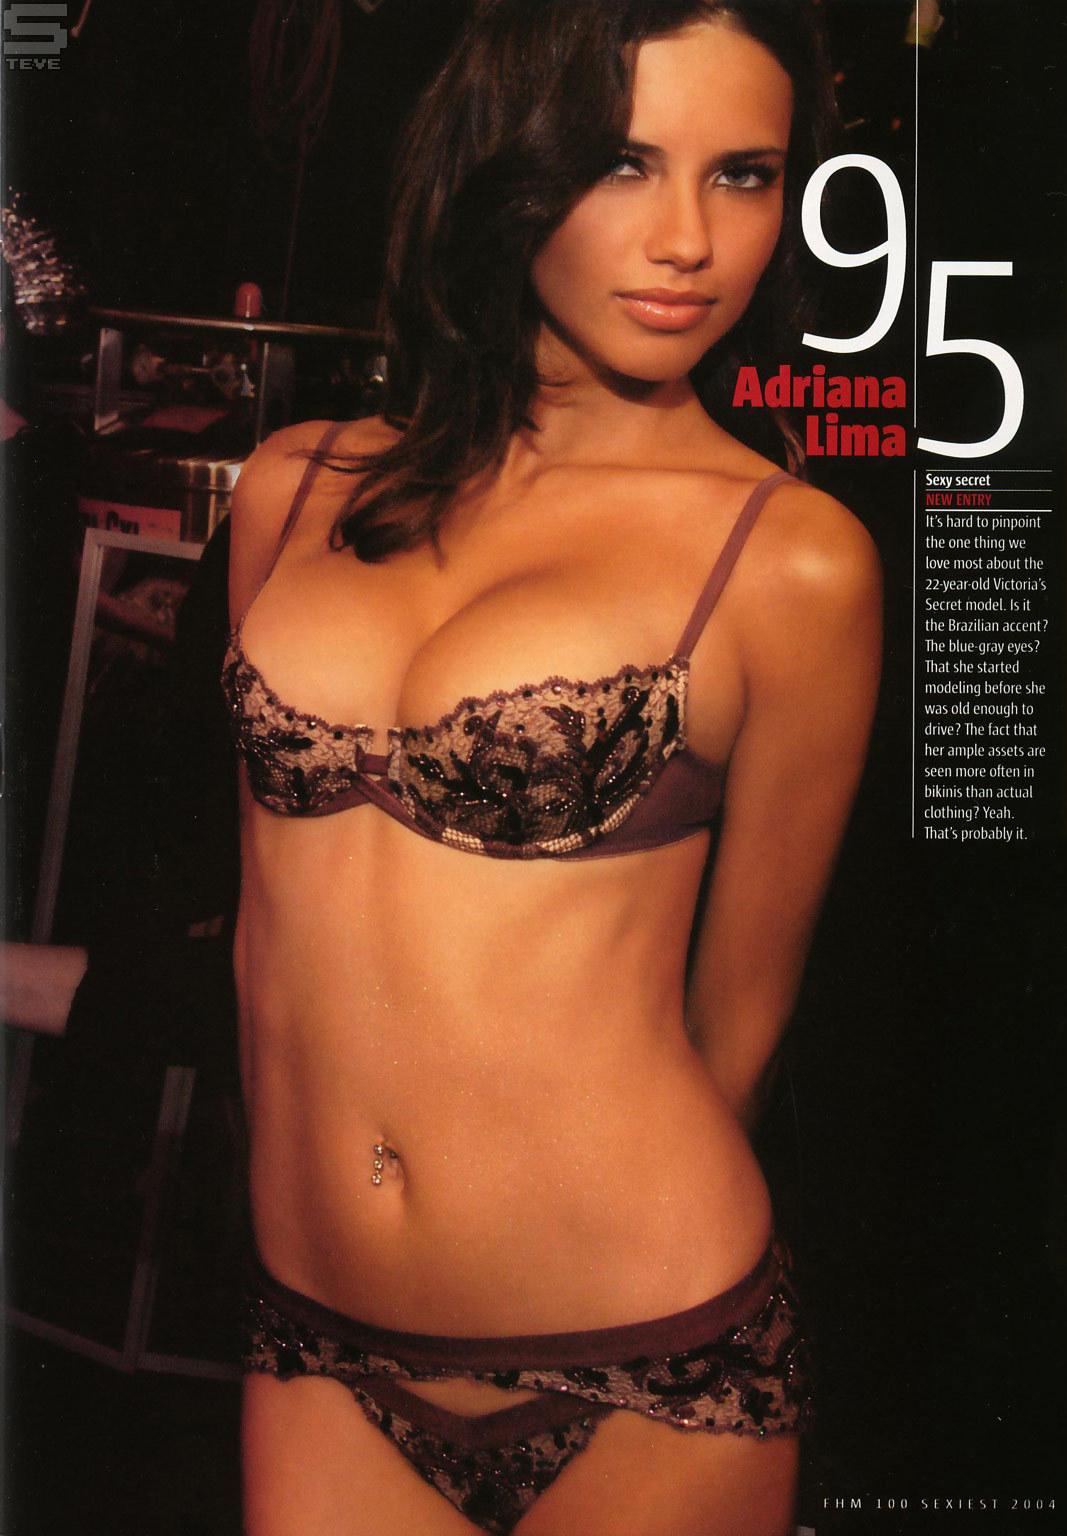 Adriana Lima Adriana [FHM Top 100] 2004